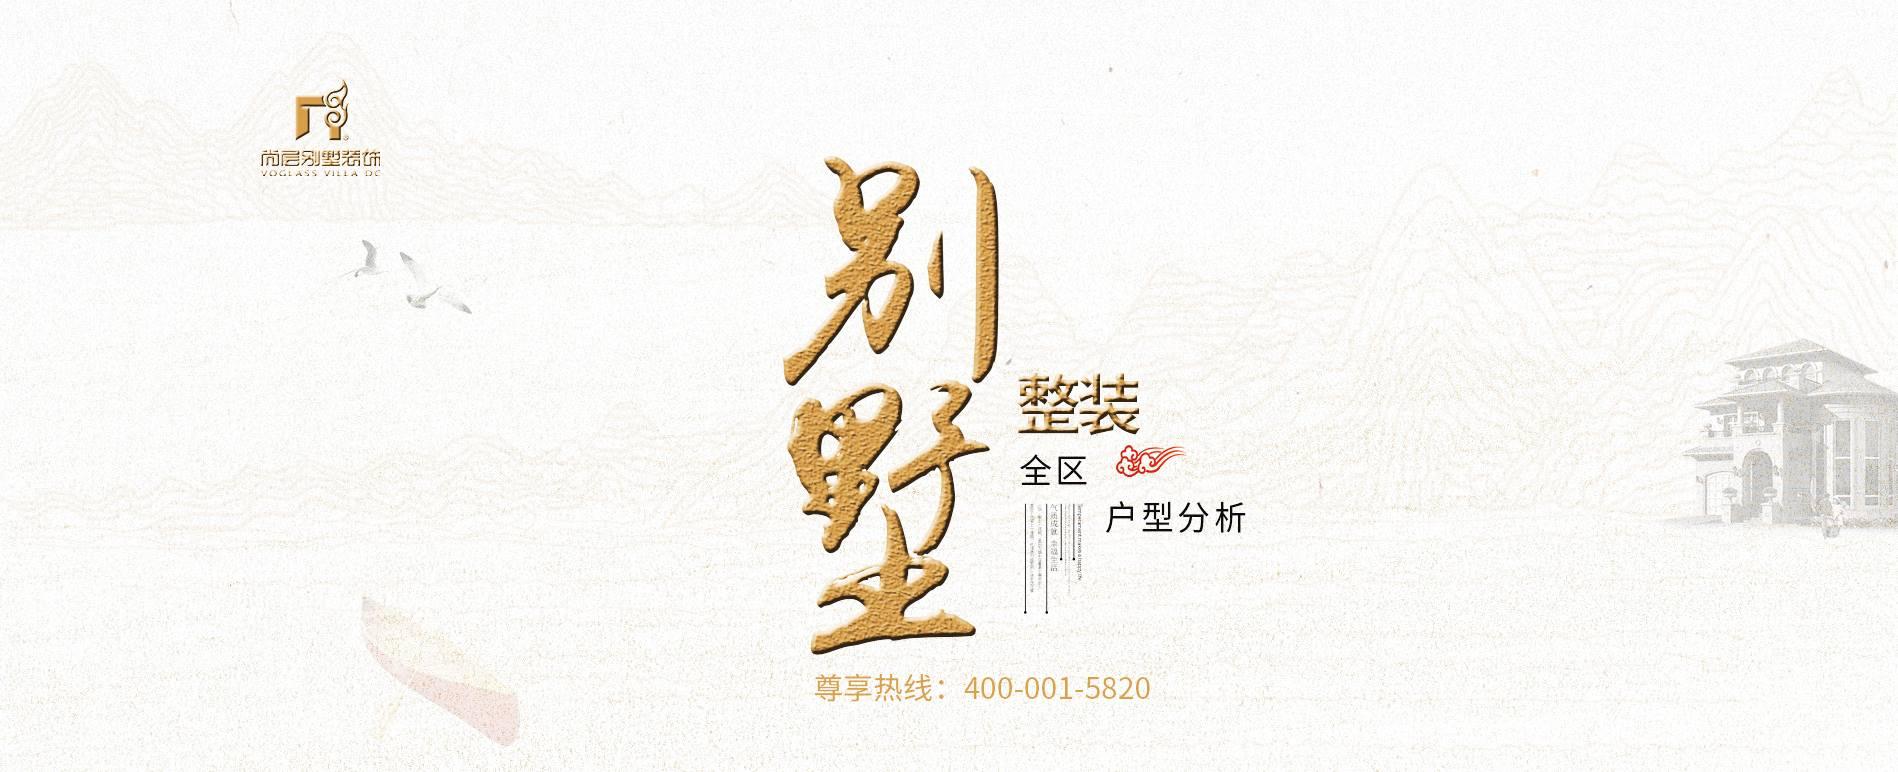 2018杭州别墅重点楼盘户型解析-杭州别墅设计